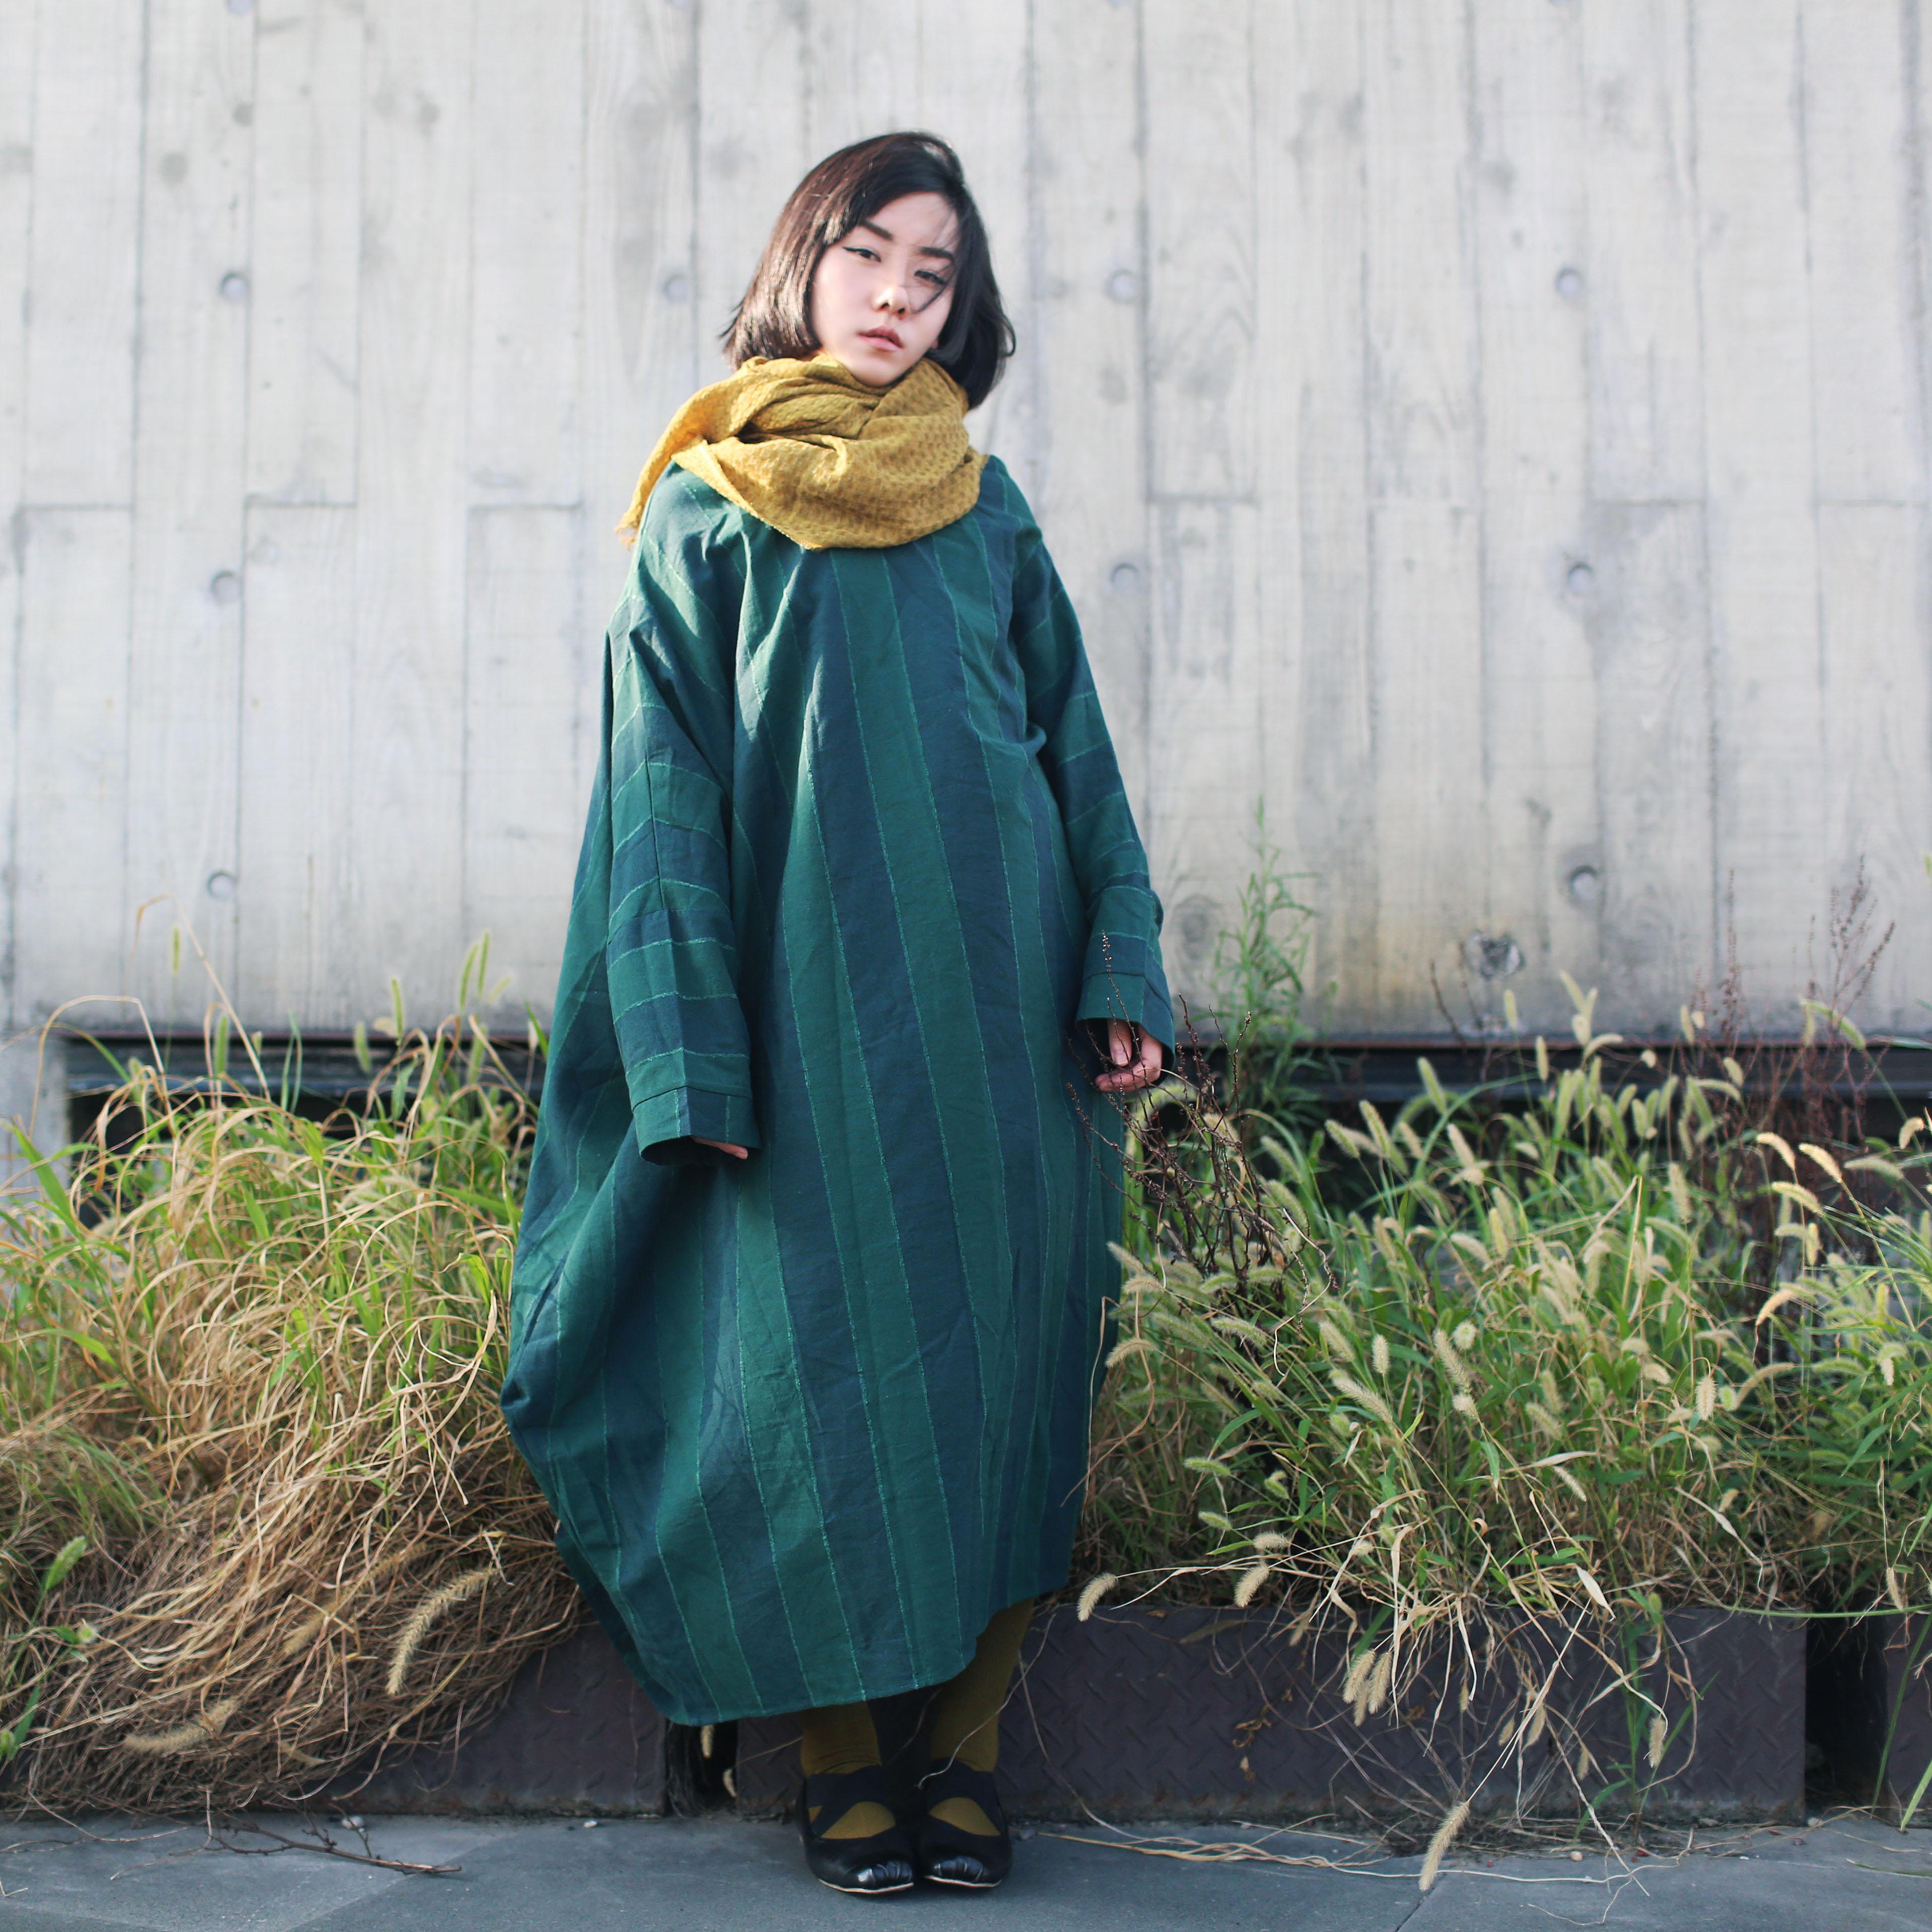 猫迷森林秋新文艺棉麻长款连衣裙条纹连帽女巫宽松蝙蝠袖袍子7410